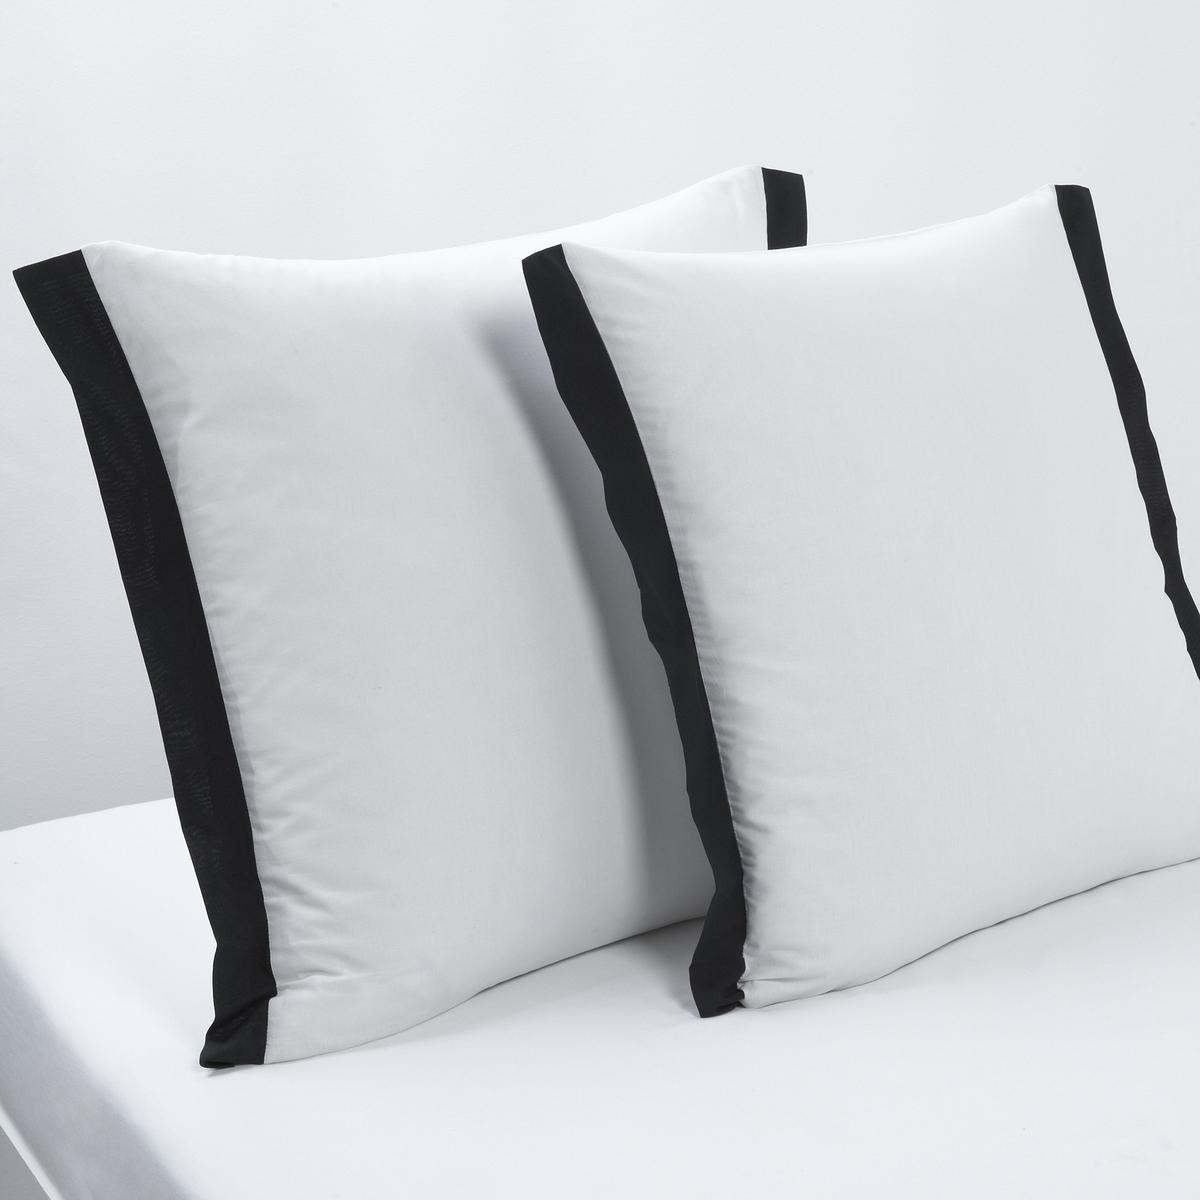 Наволочка квадратная Epure, черно-белого цвета